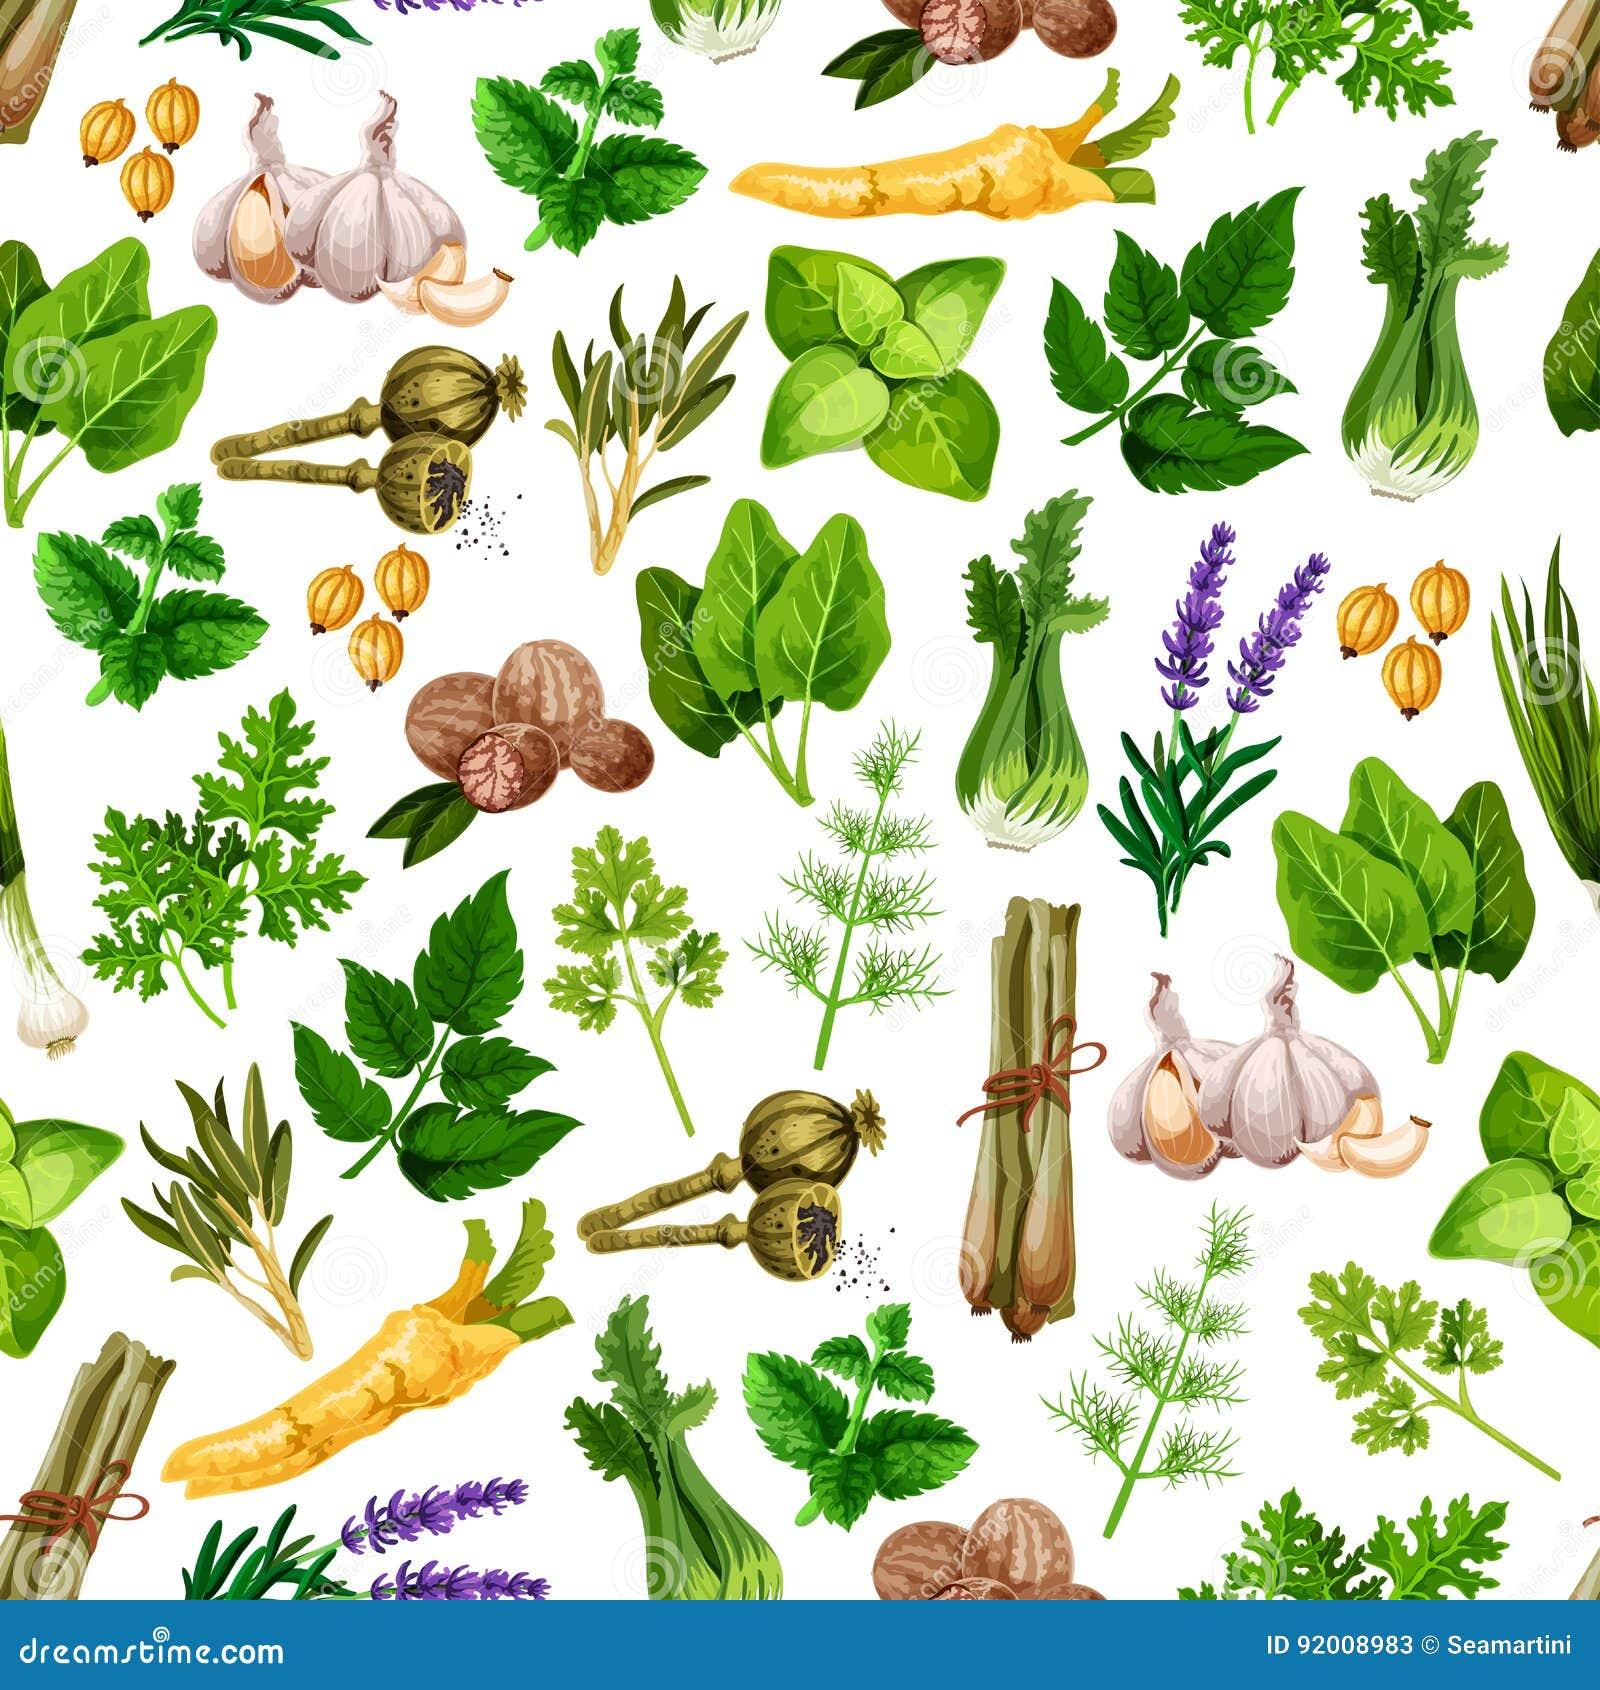 Vector seamless pattern of spice herb seasonings